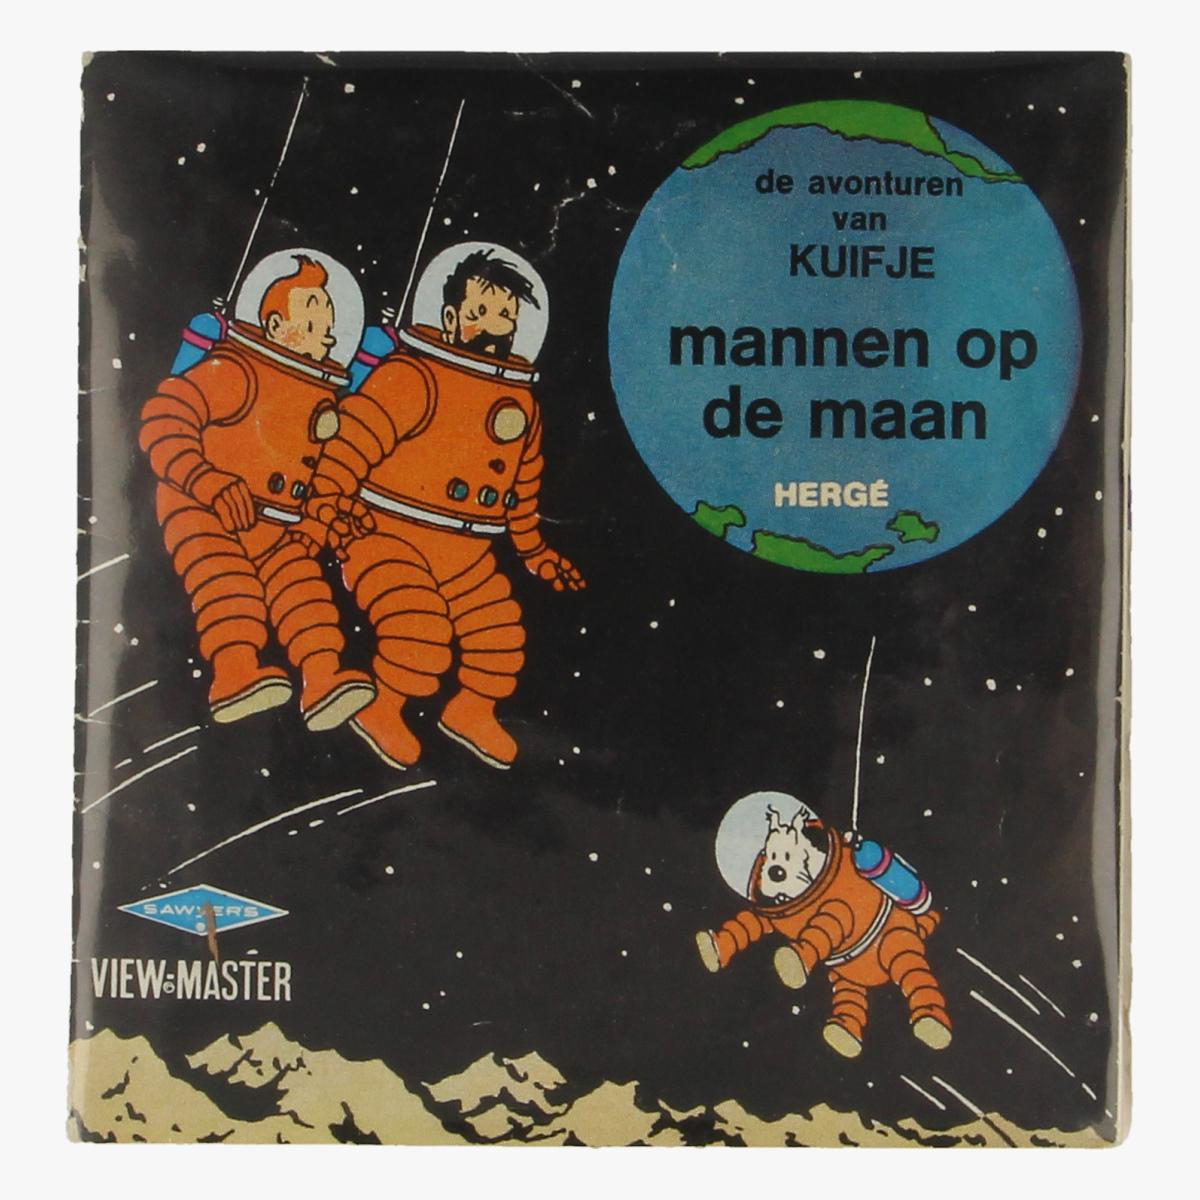 Afbeeldingen van View-Master de avonturen van Kuifje. Mannen op de maan. Hergé. B 543-N-5/68